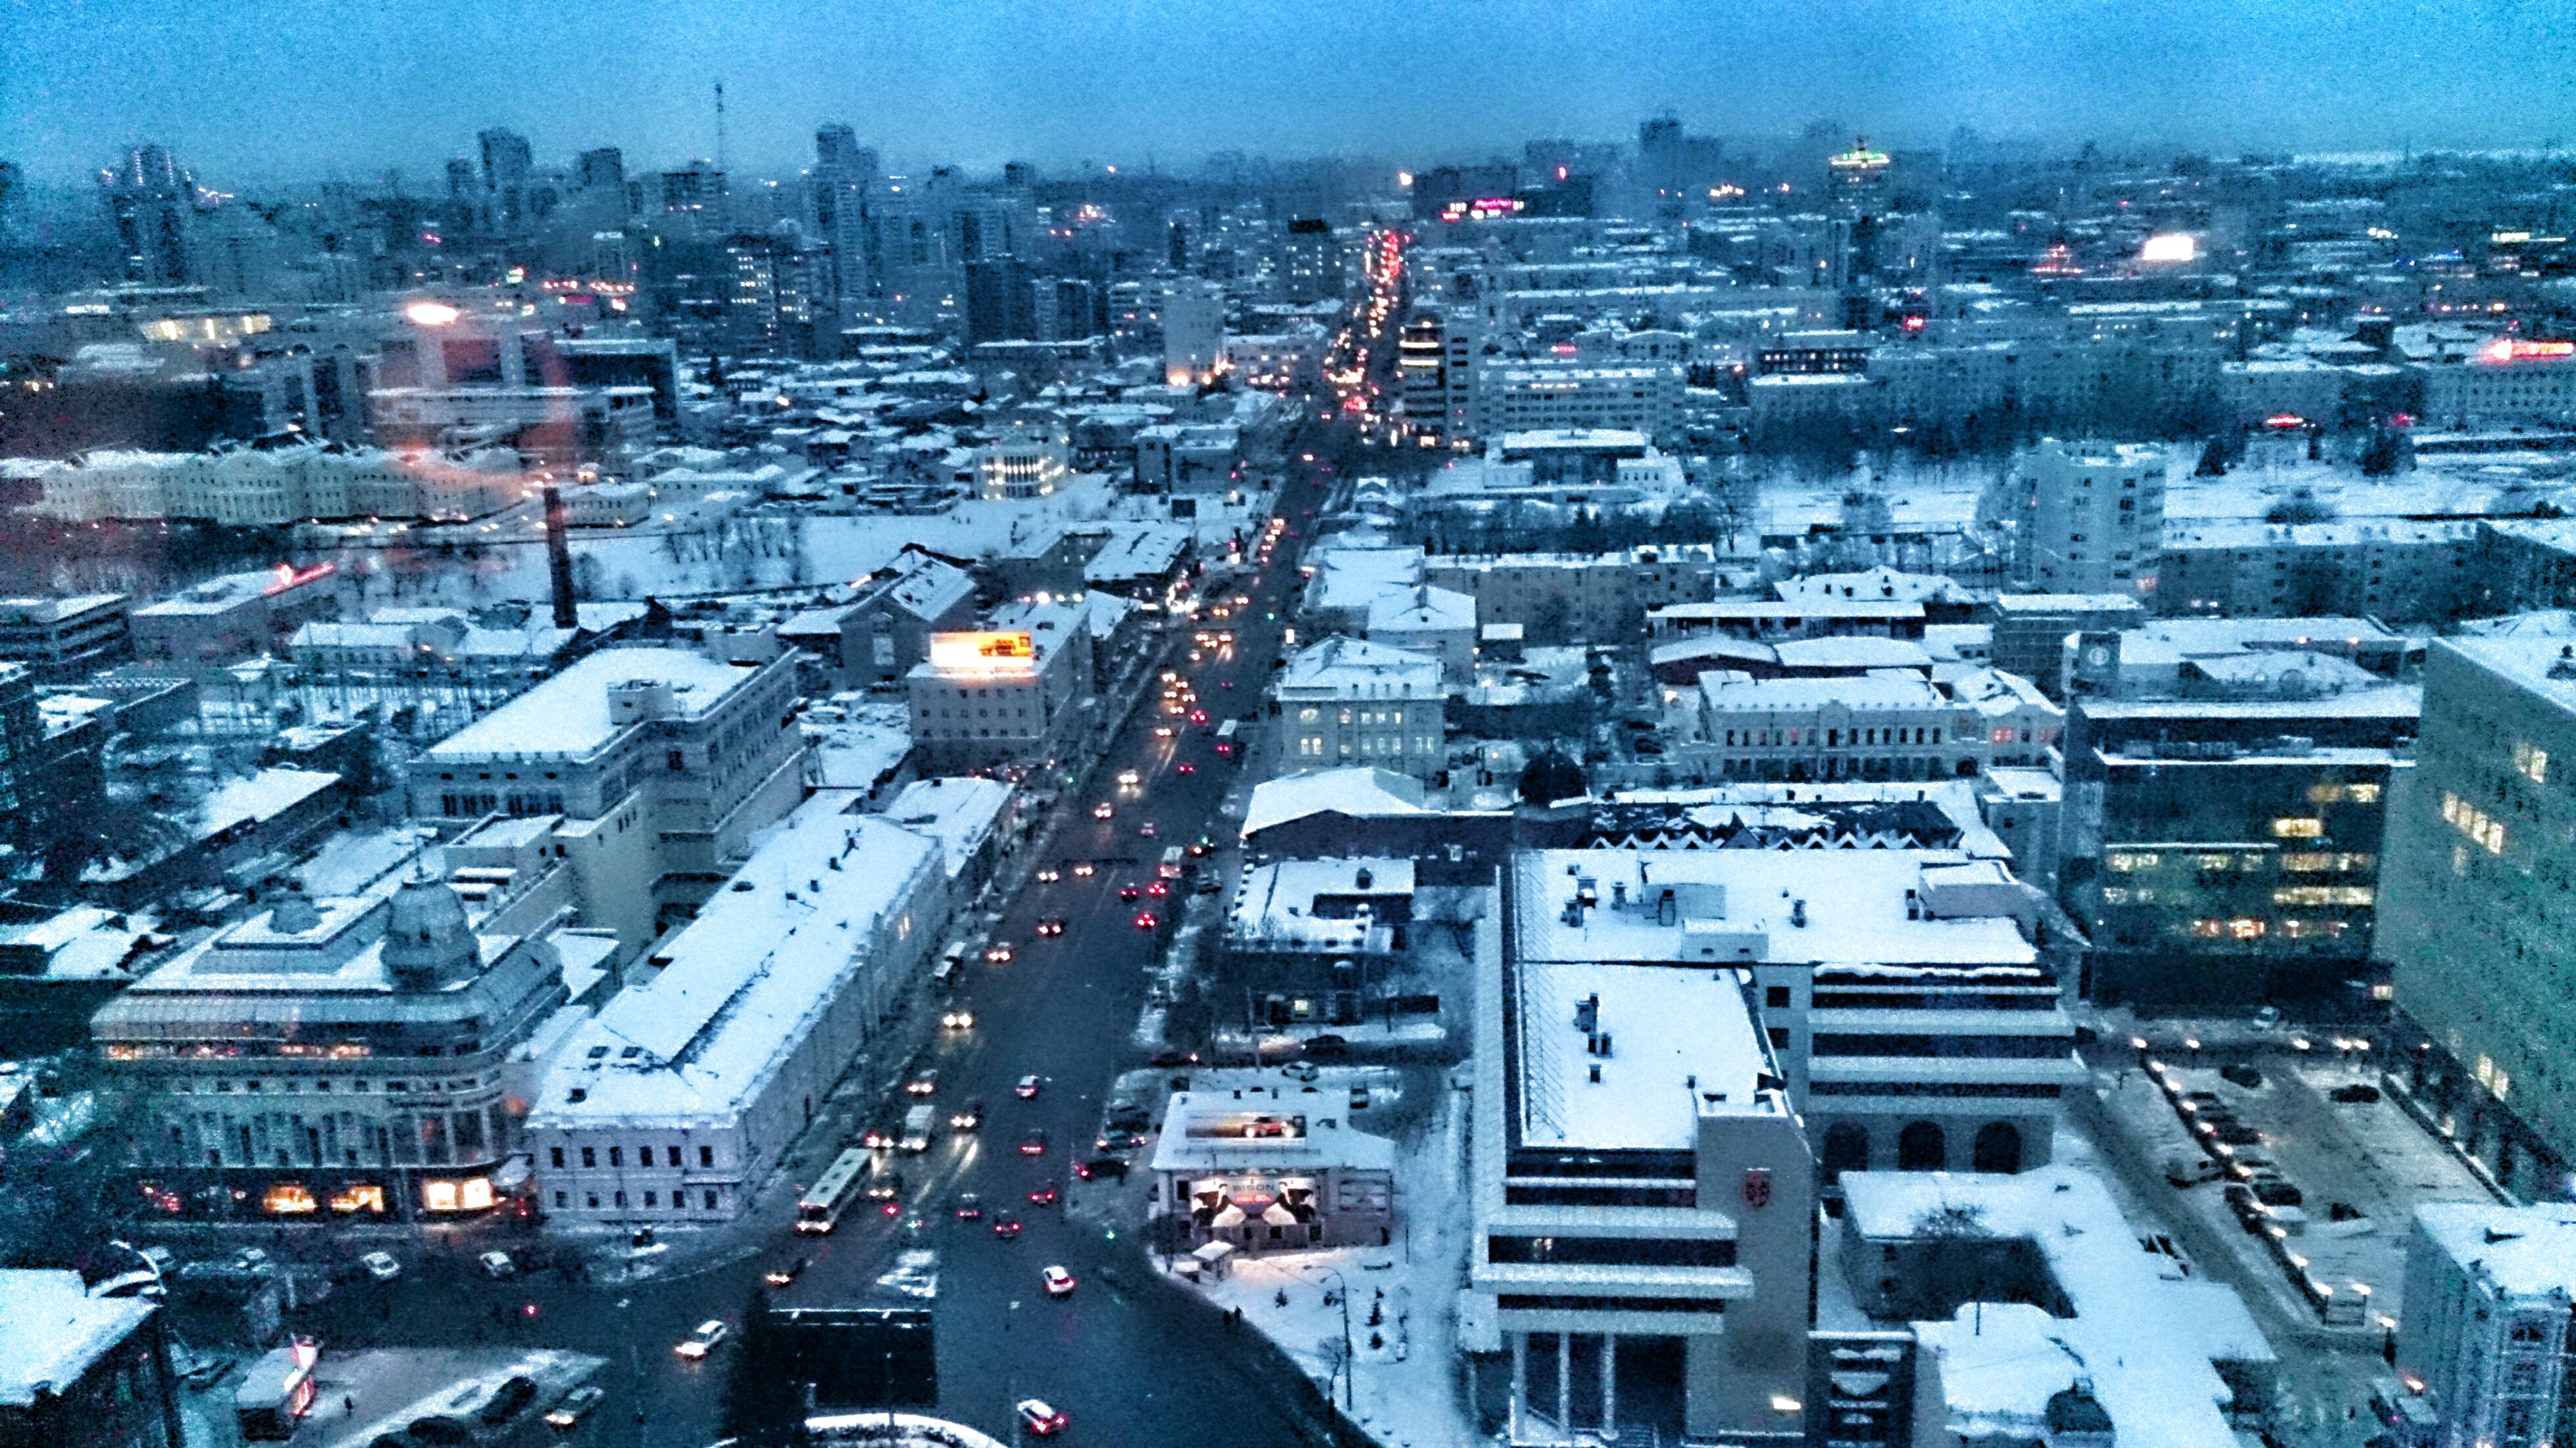 Пустота и тревога: центр Екатеринбурга пуст, как в час ночи